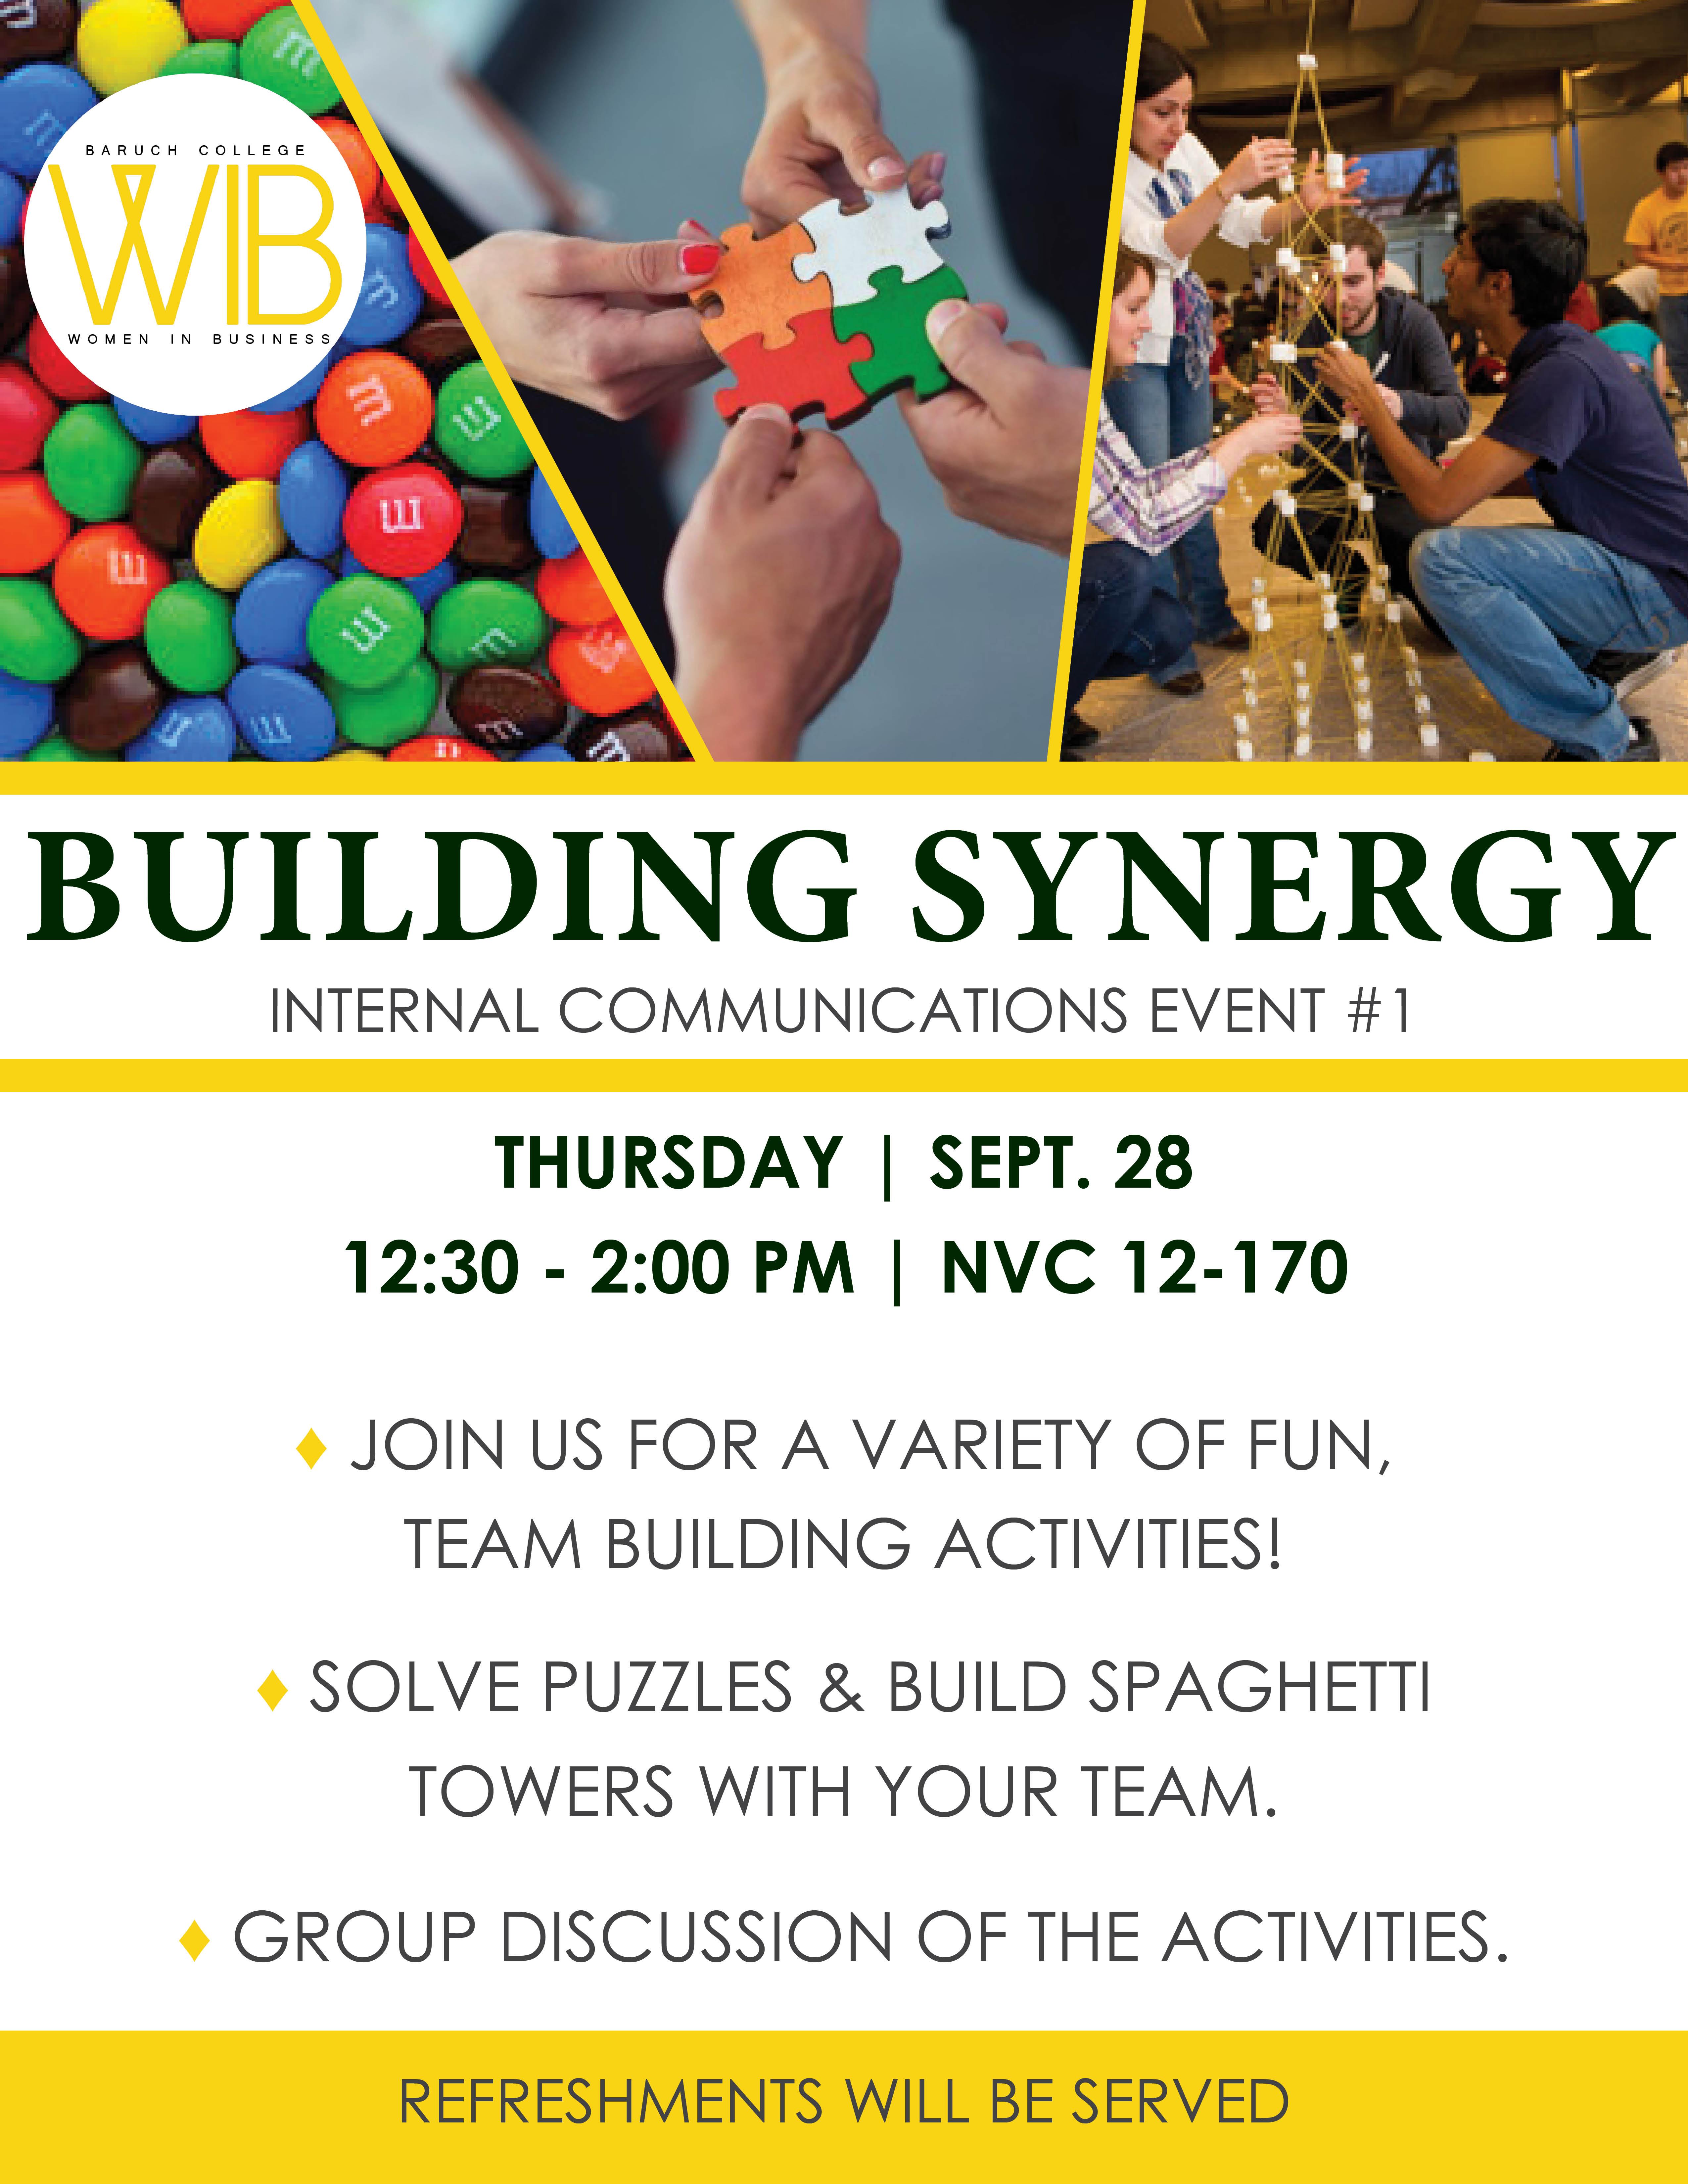 Building Synergy